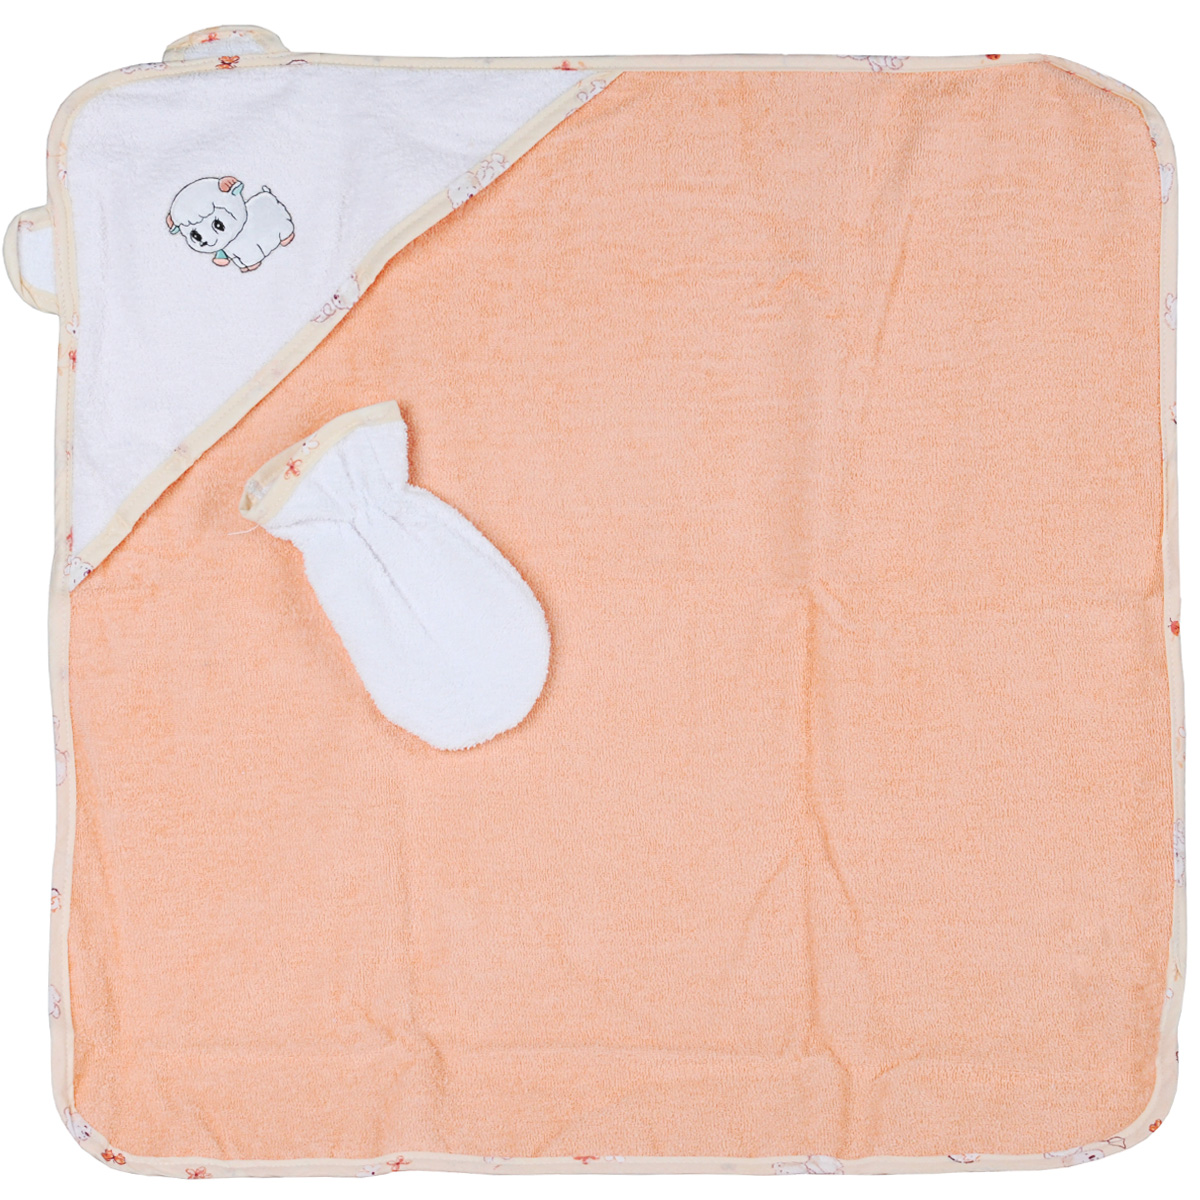 Комплект для купания Фея, цвет: персиковый, 2 предмета рукавицы русский инструмент 68130 х б с брезентовым наладонником 2 размер